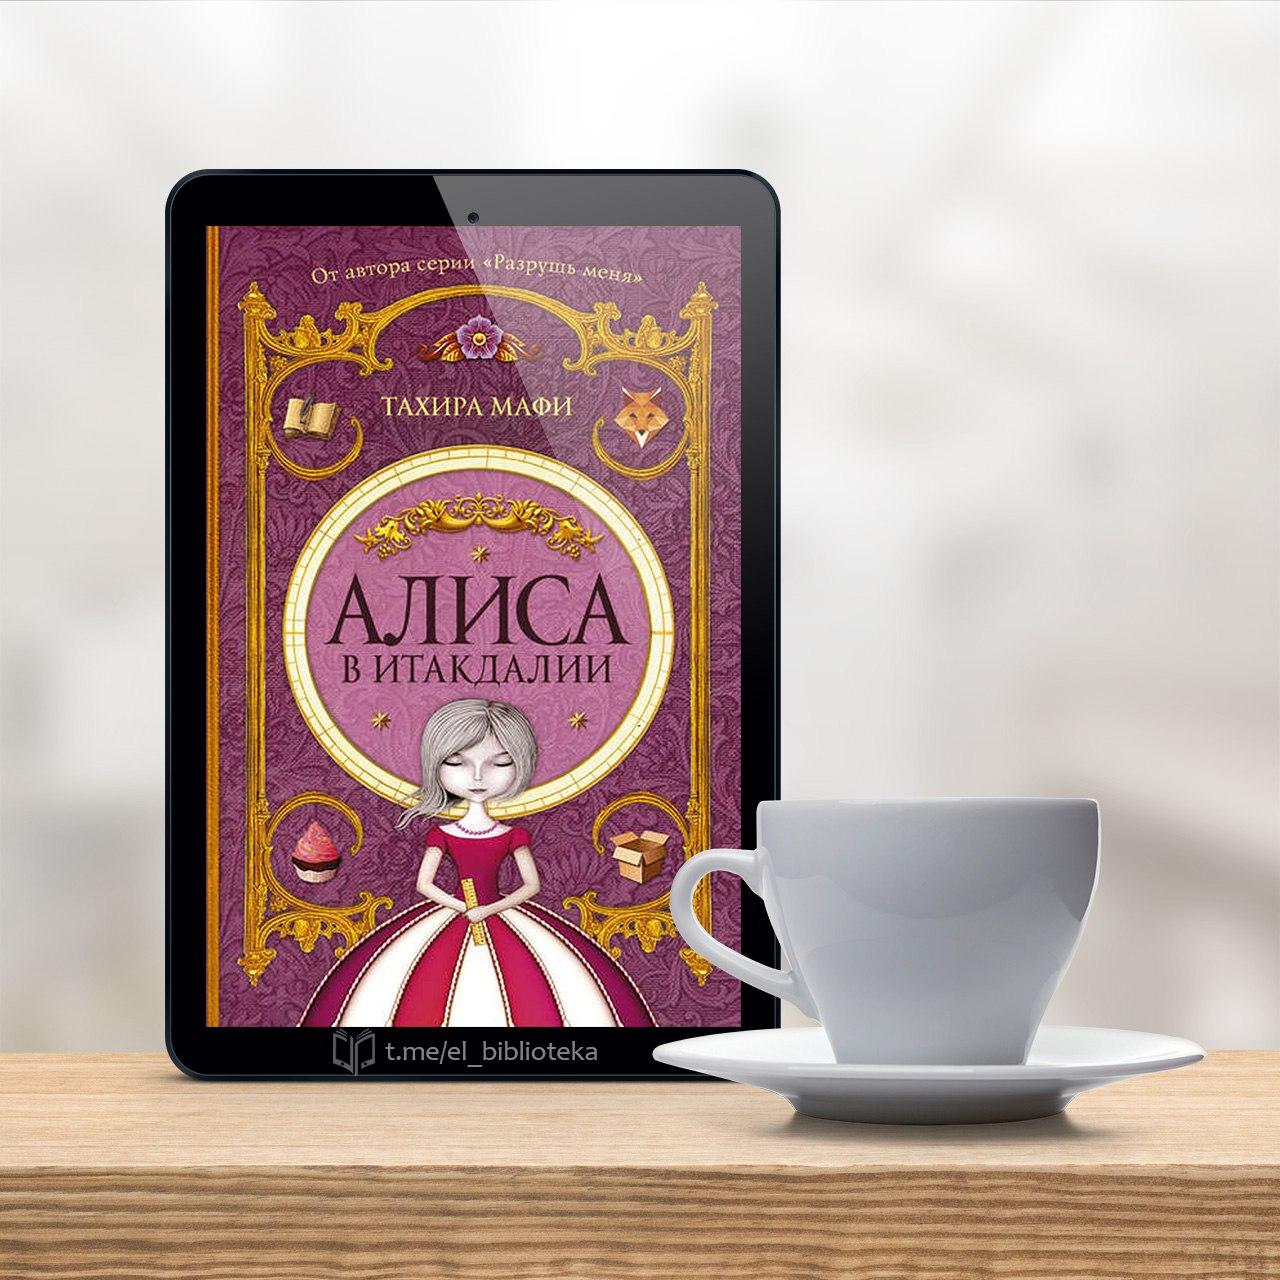  Алиса в Итакдалии  Автор:  Мафи_Тахира  Год издания: 2017   Жанр(ы):...